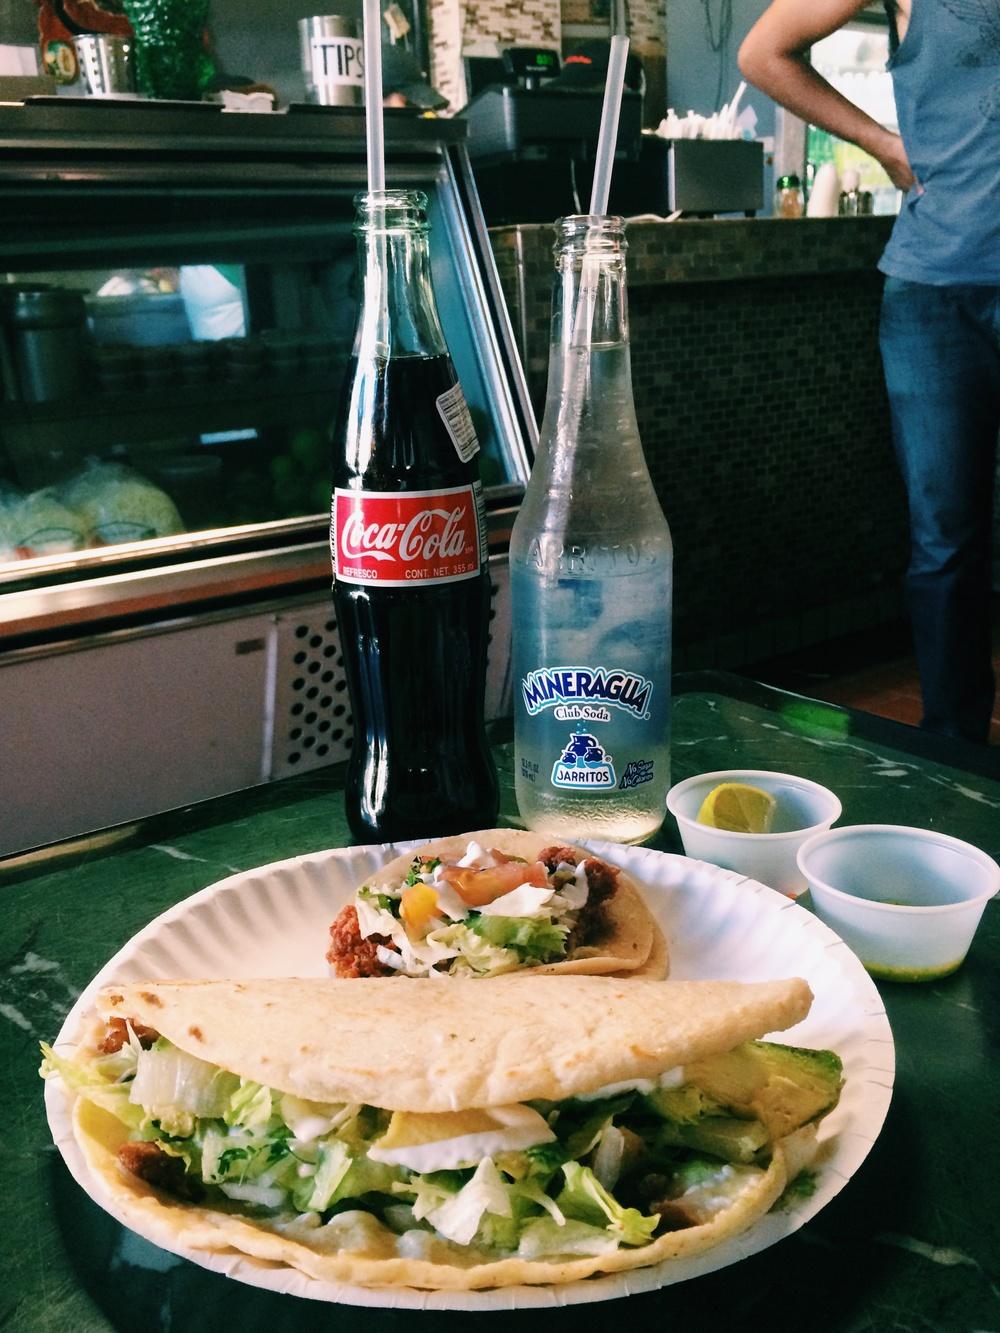 The chorizo taquito | Photo: Celine Asril